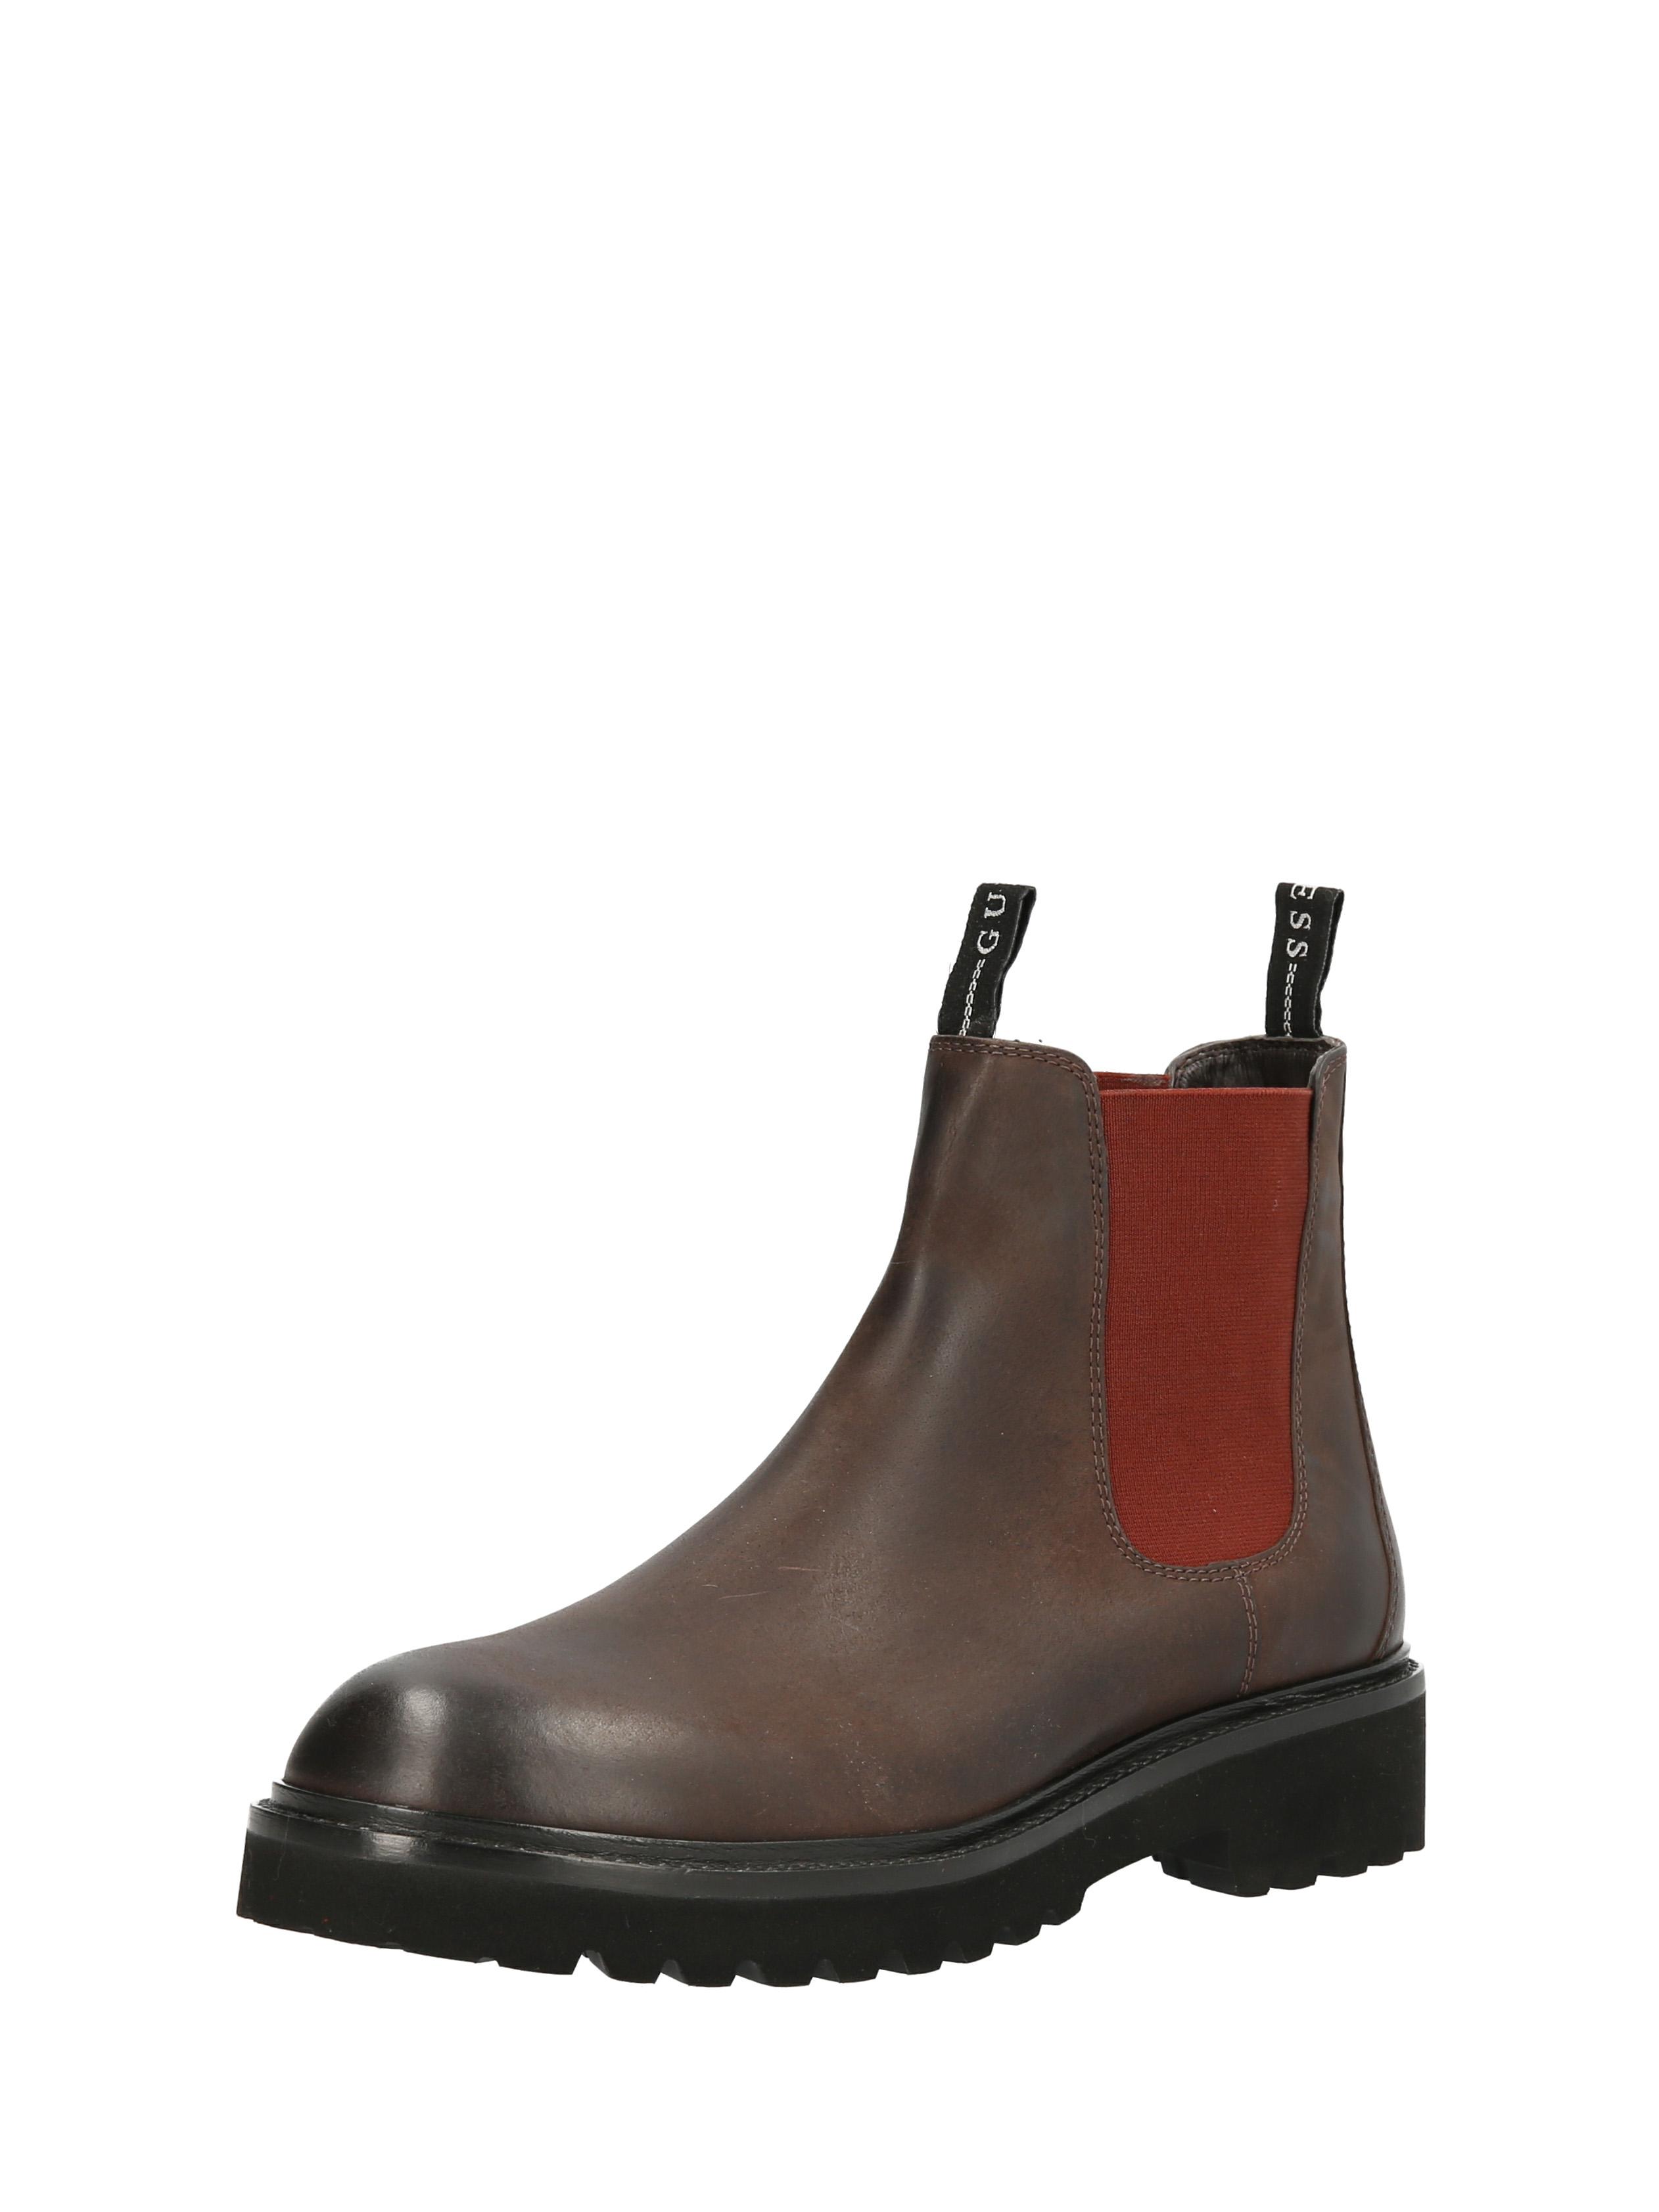 GUESS%20Footwear%20 %20FM8ENCLEA10 BROWN - GUESS presenta sus accesorios de hombre y mujer para temporada Otoño-Invierno 2020